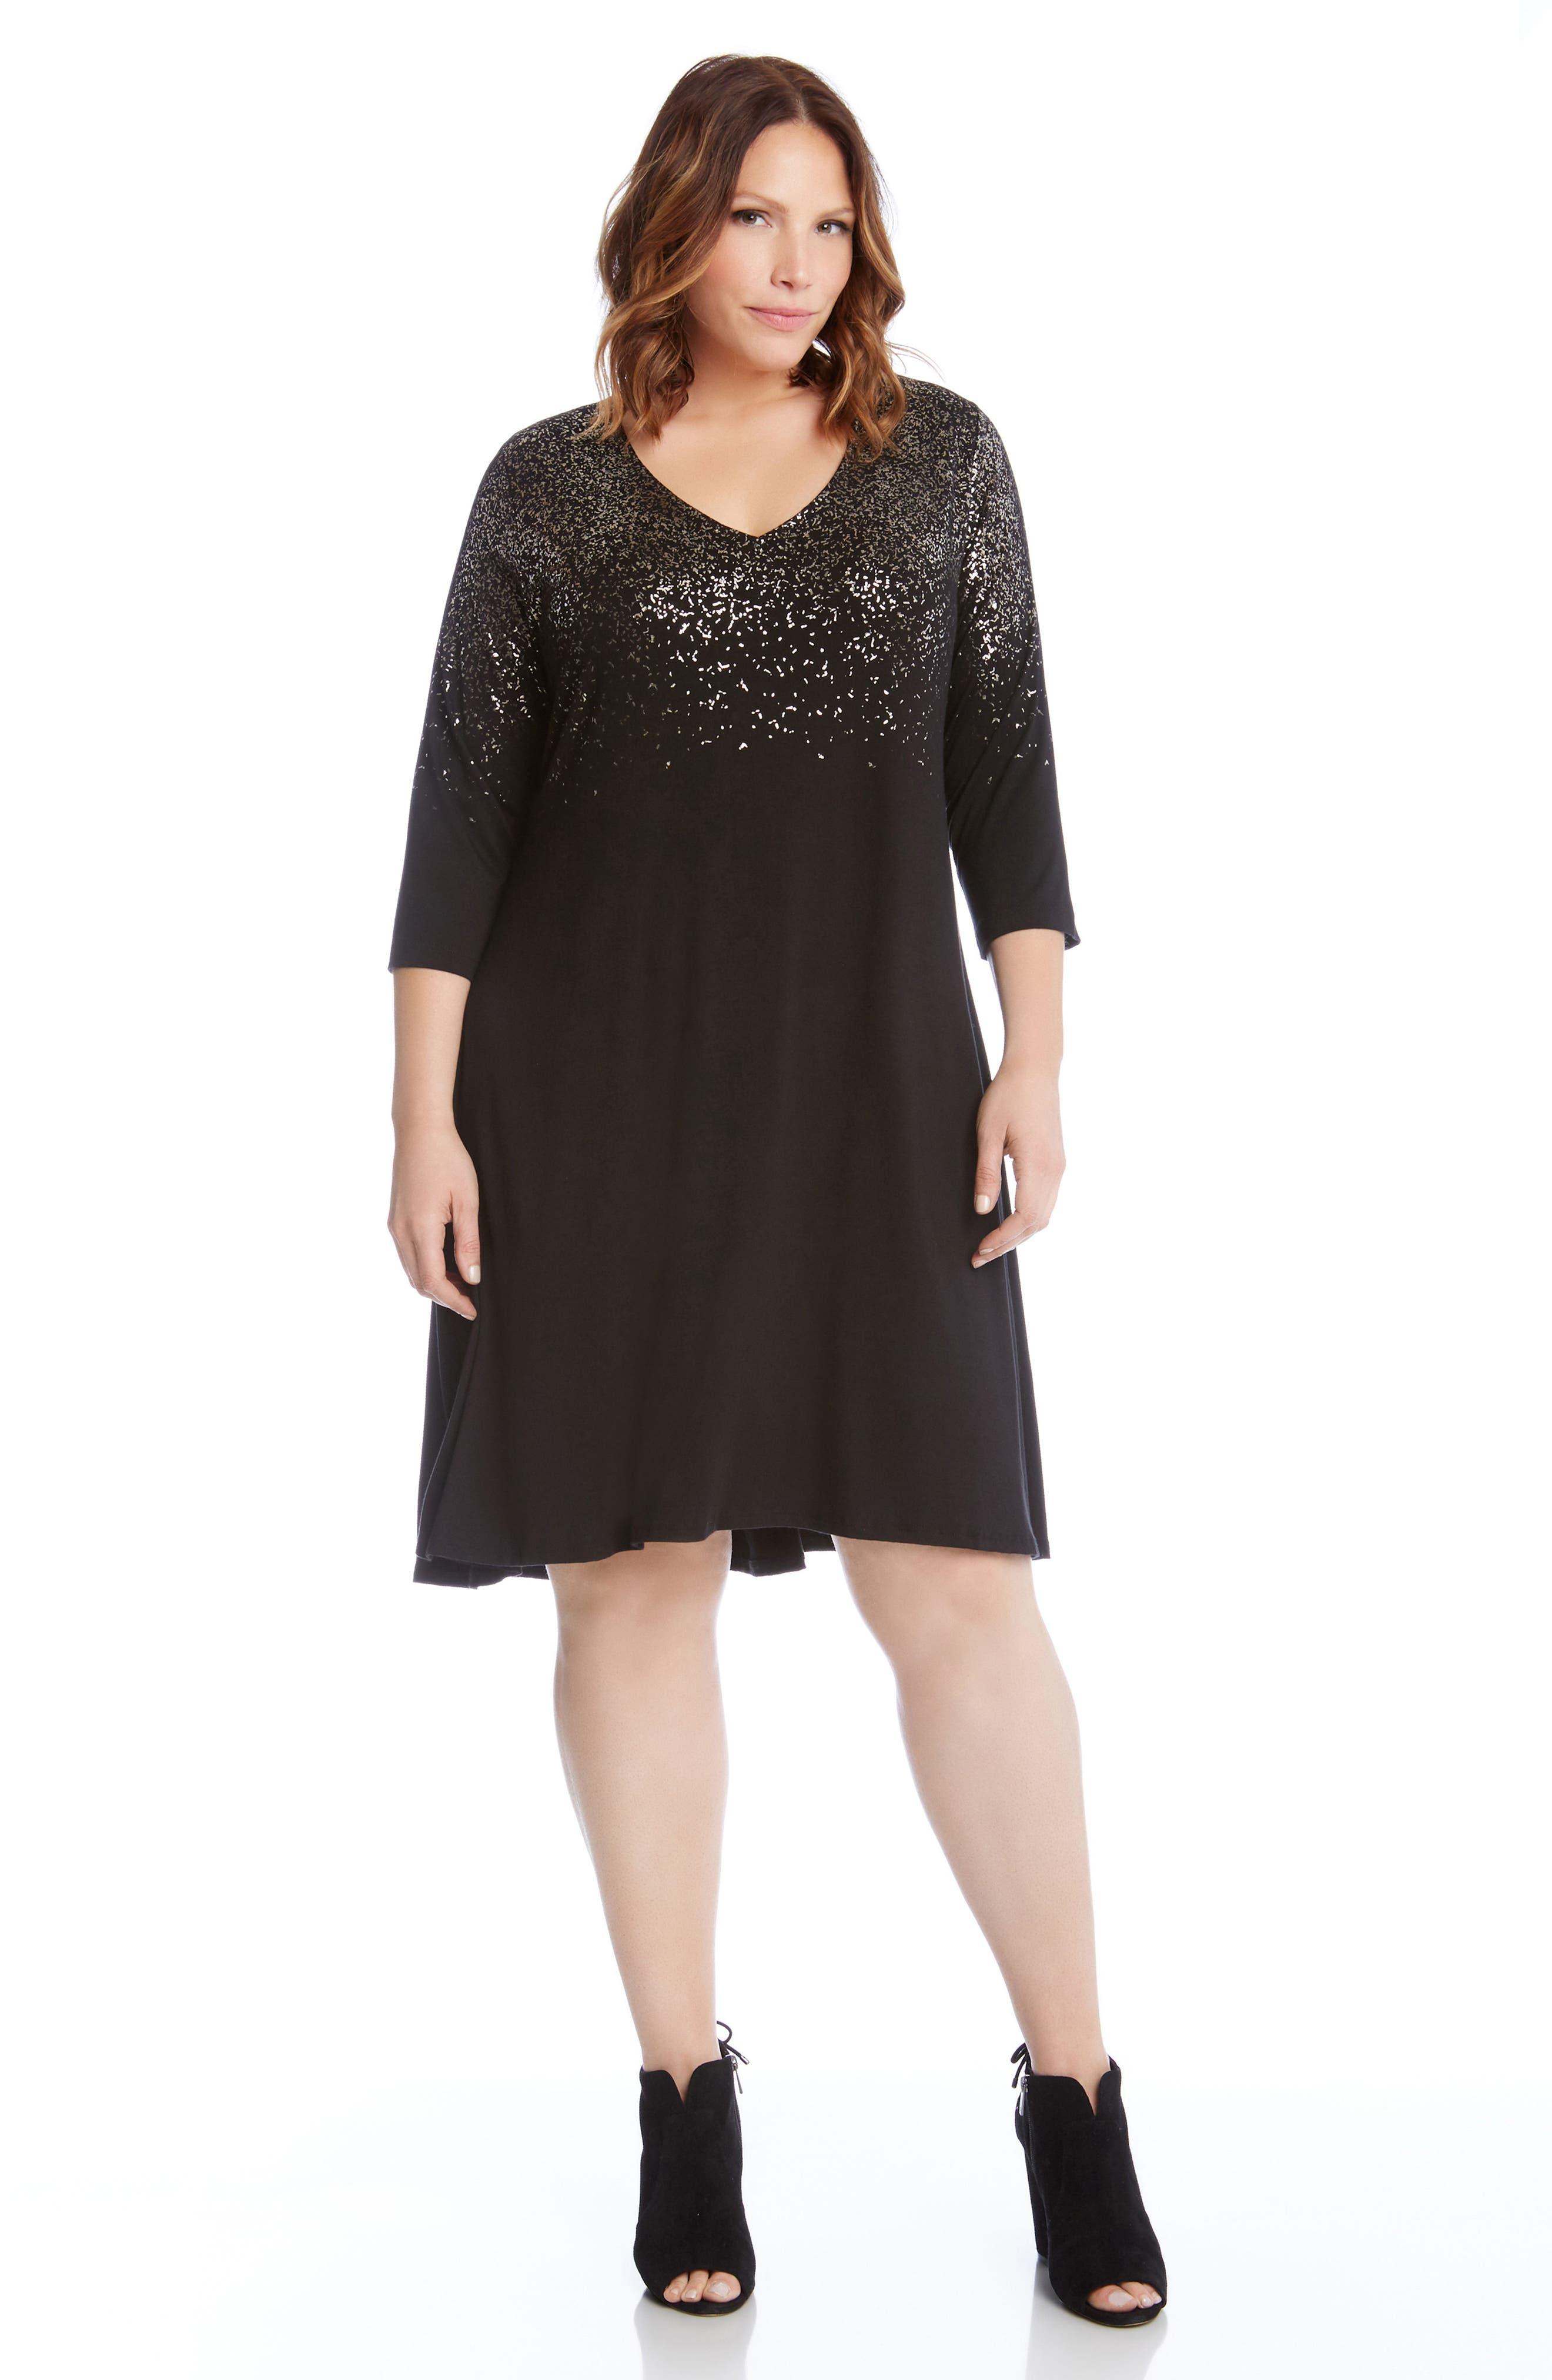 Alternate Image 3  - Karen Kane Speckled Print A-Line Dress (Plus Size)